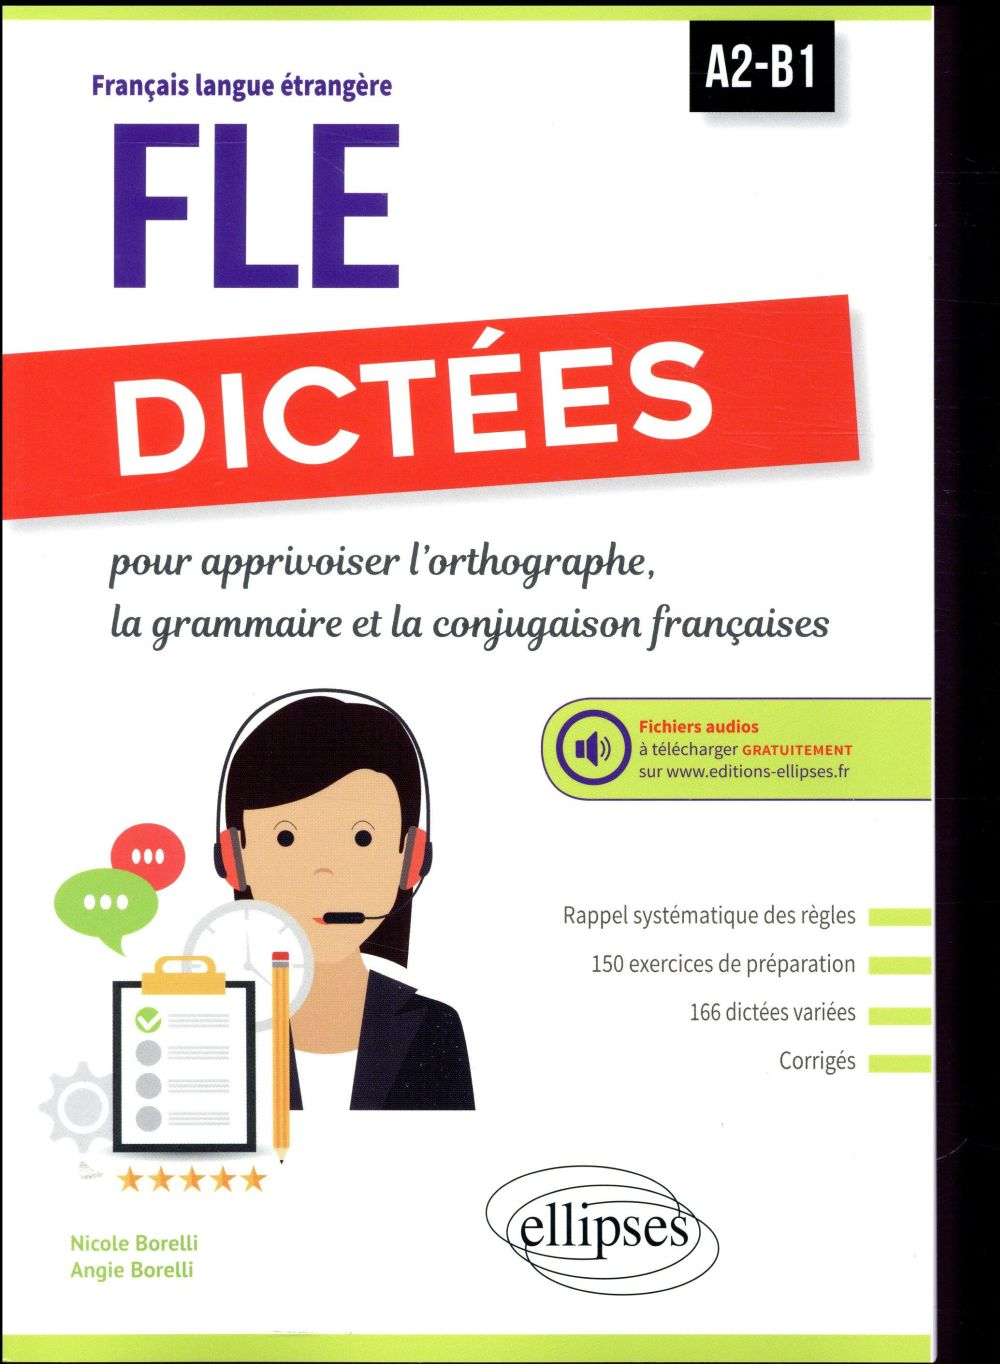 Fle (francais langue etrangere). dictees pour apprivoiser l'orthographe, la grammaire et la conjugai